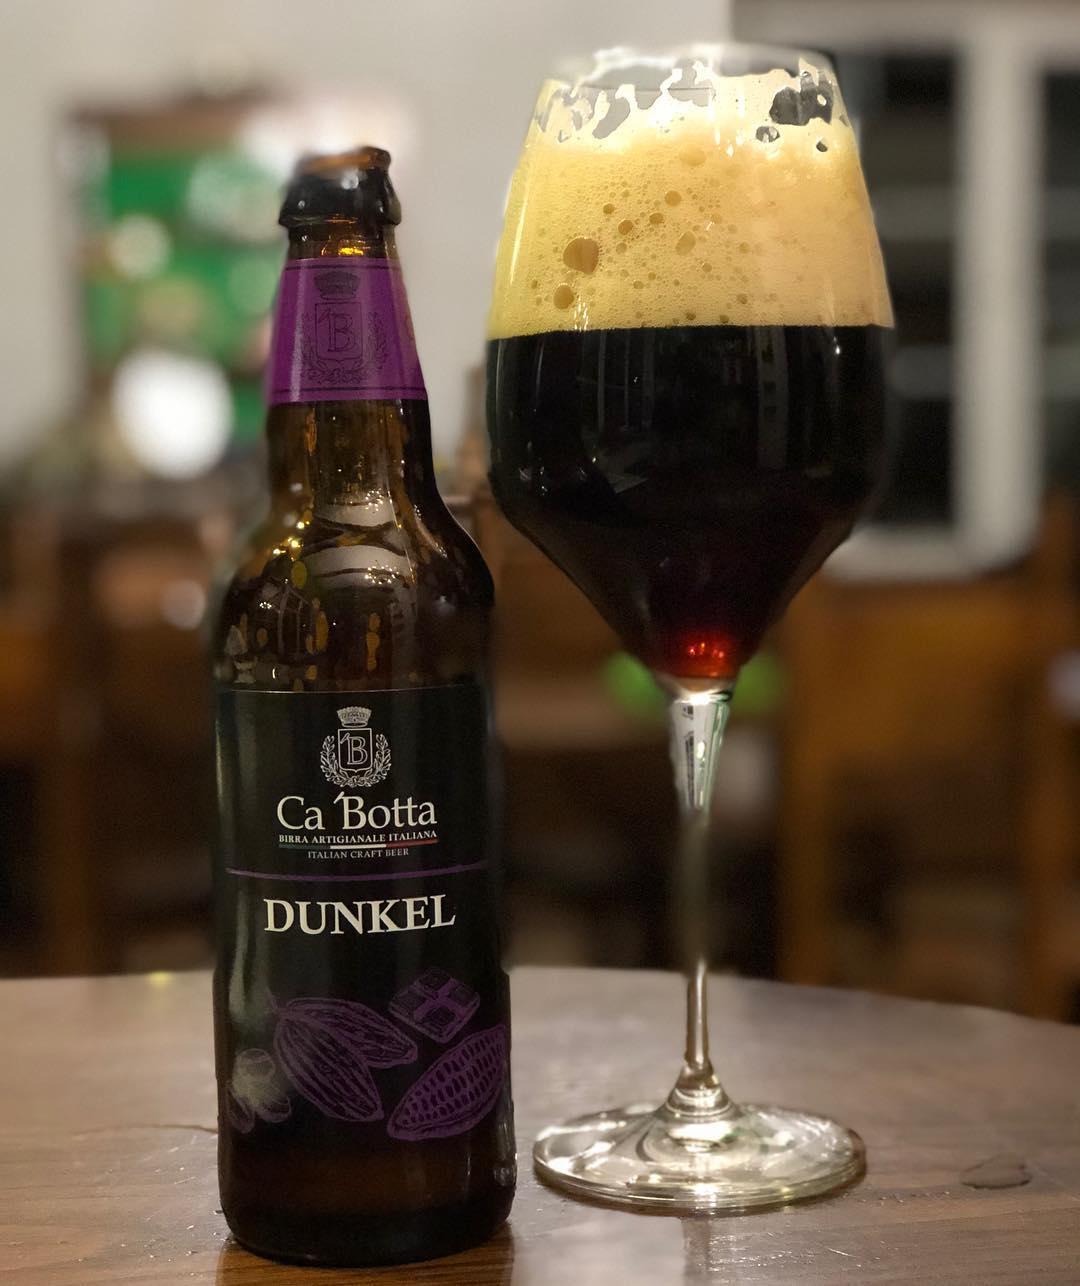 Когда в настроение темное! #cabottabeer #крафт #пиво #итальянскоепиво #вечер #москва